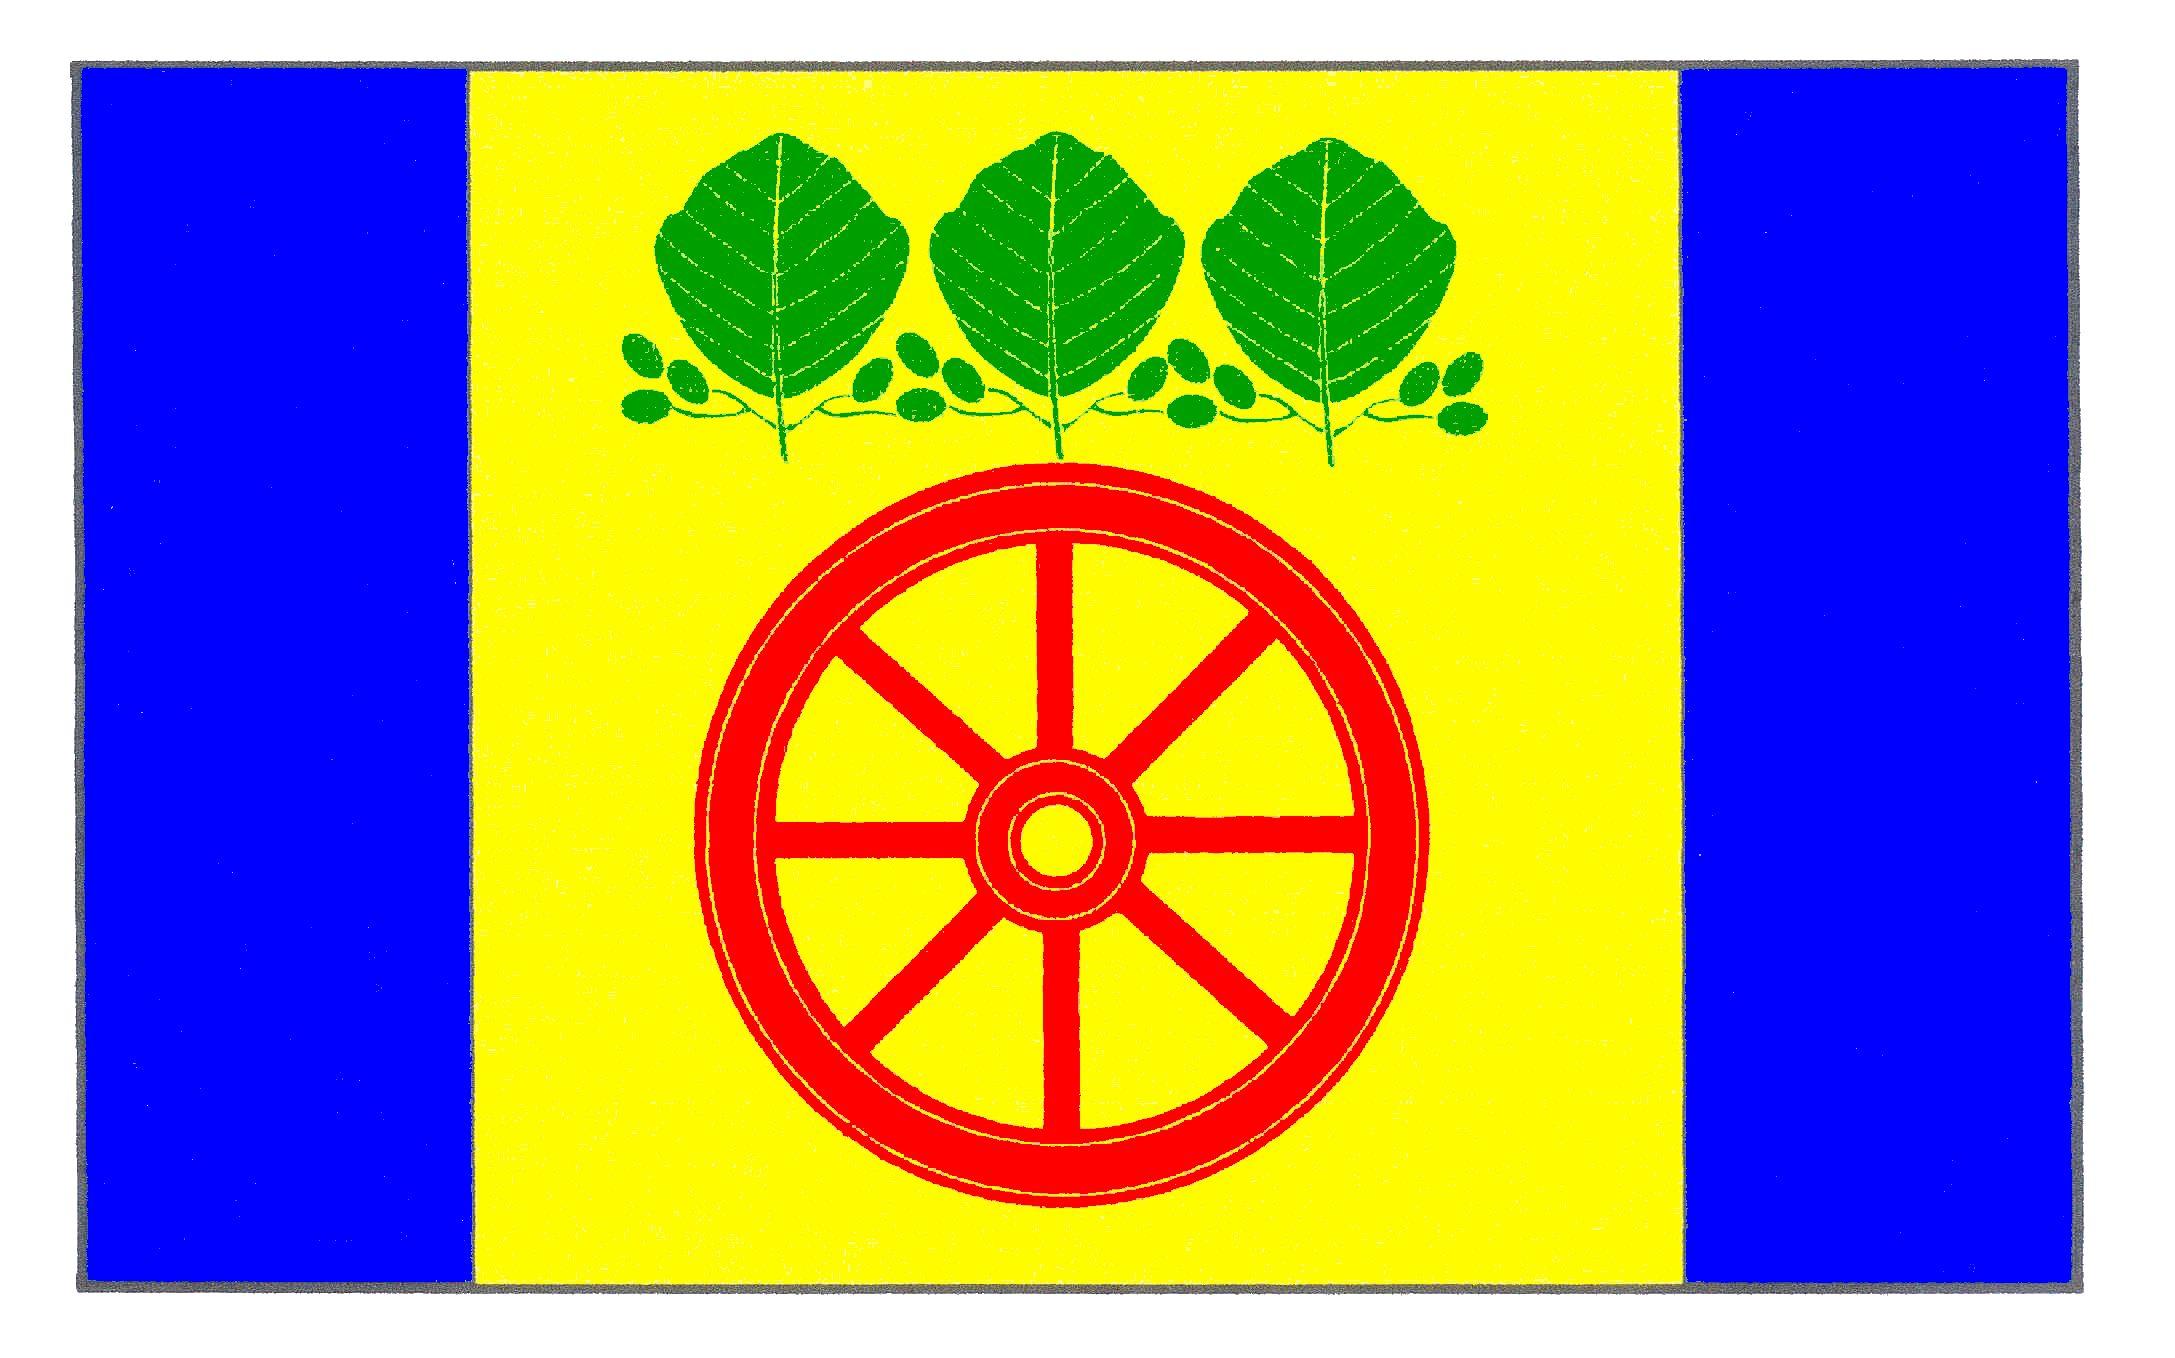 Flagge GemeindeBarmissen, Kreis Plön